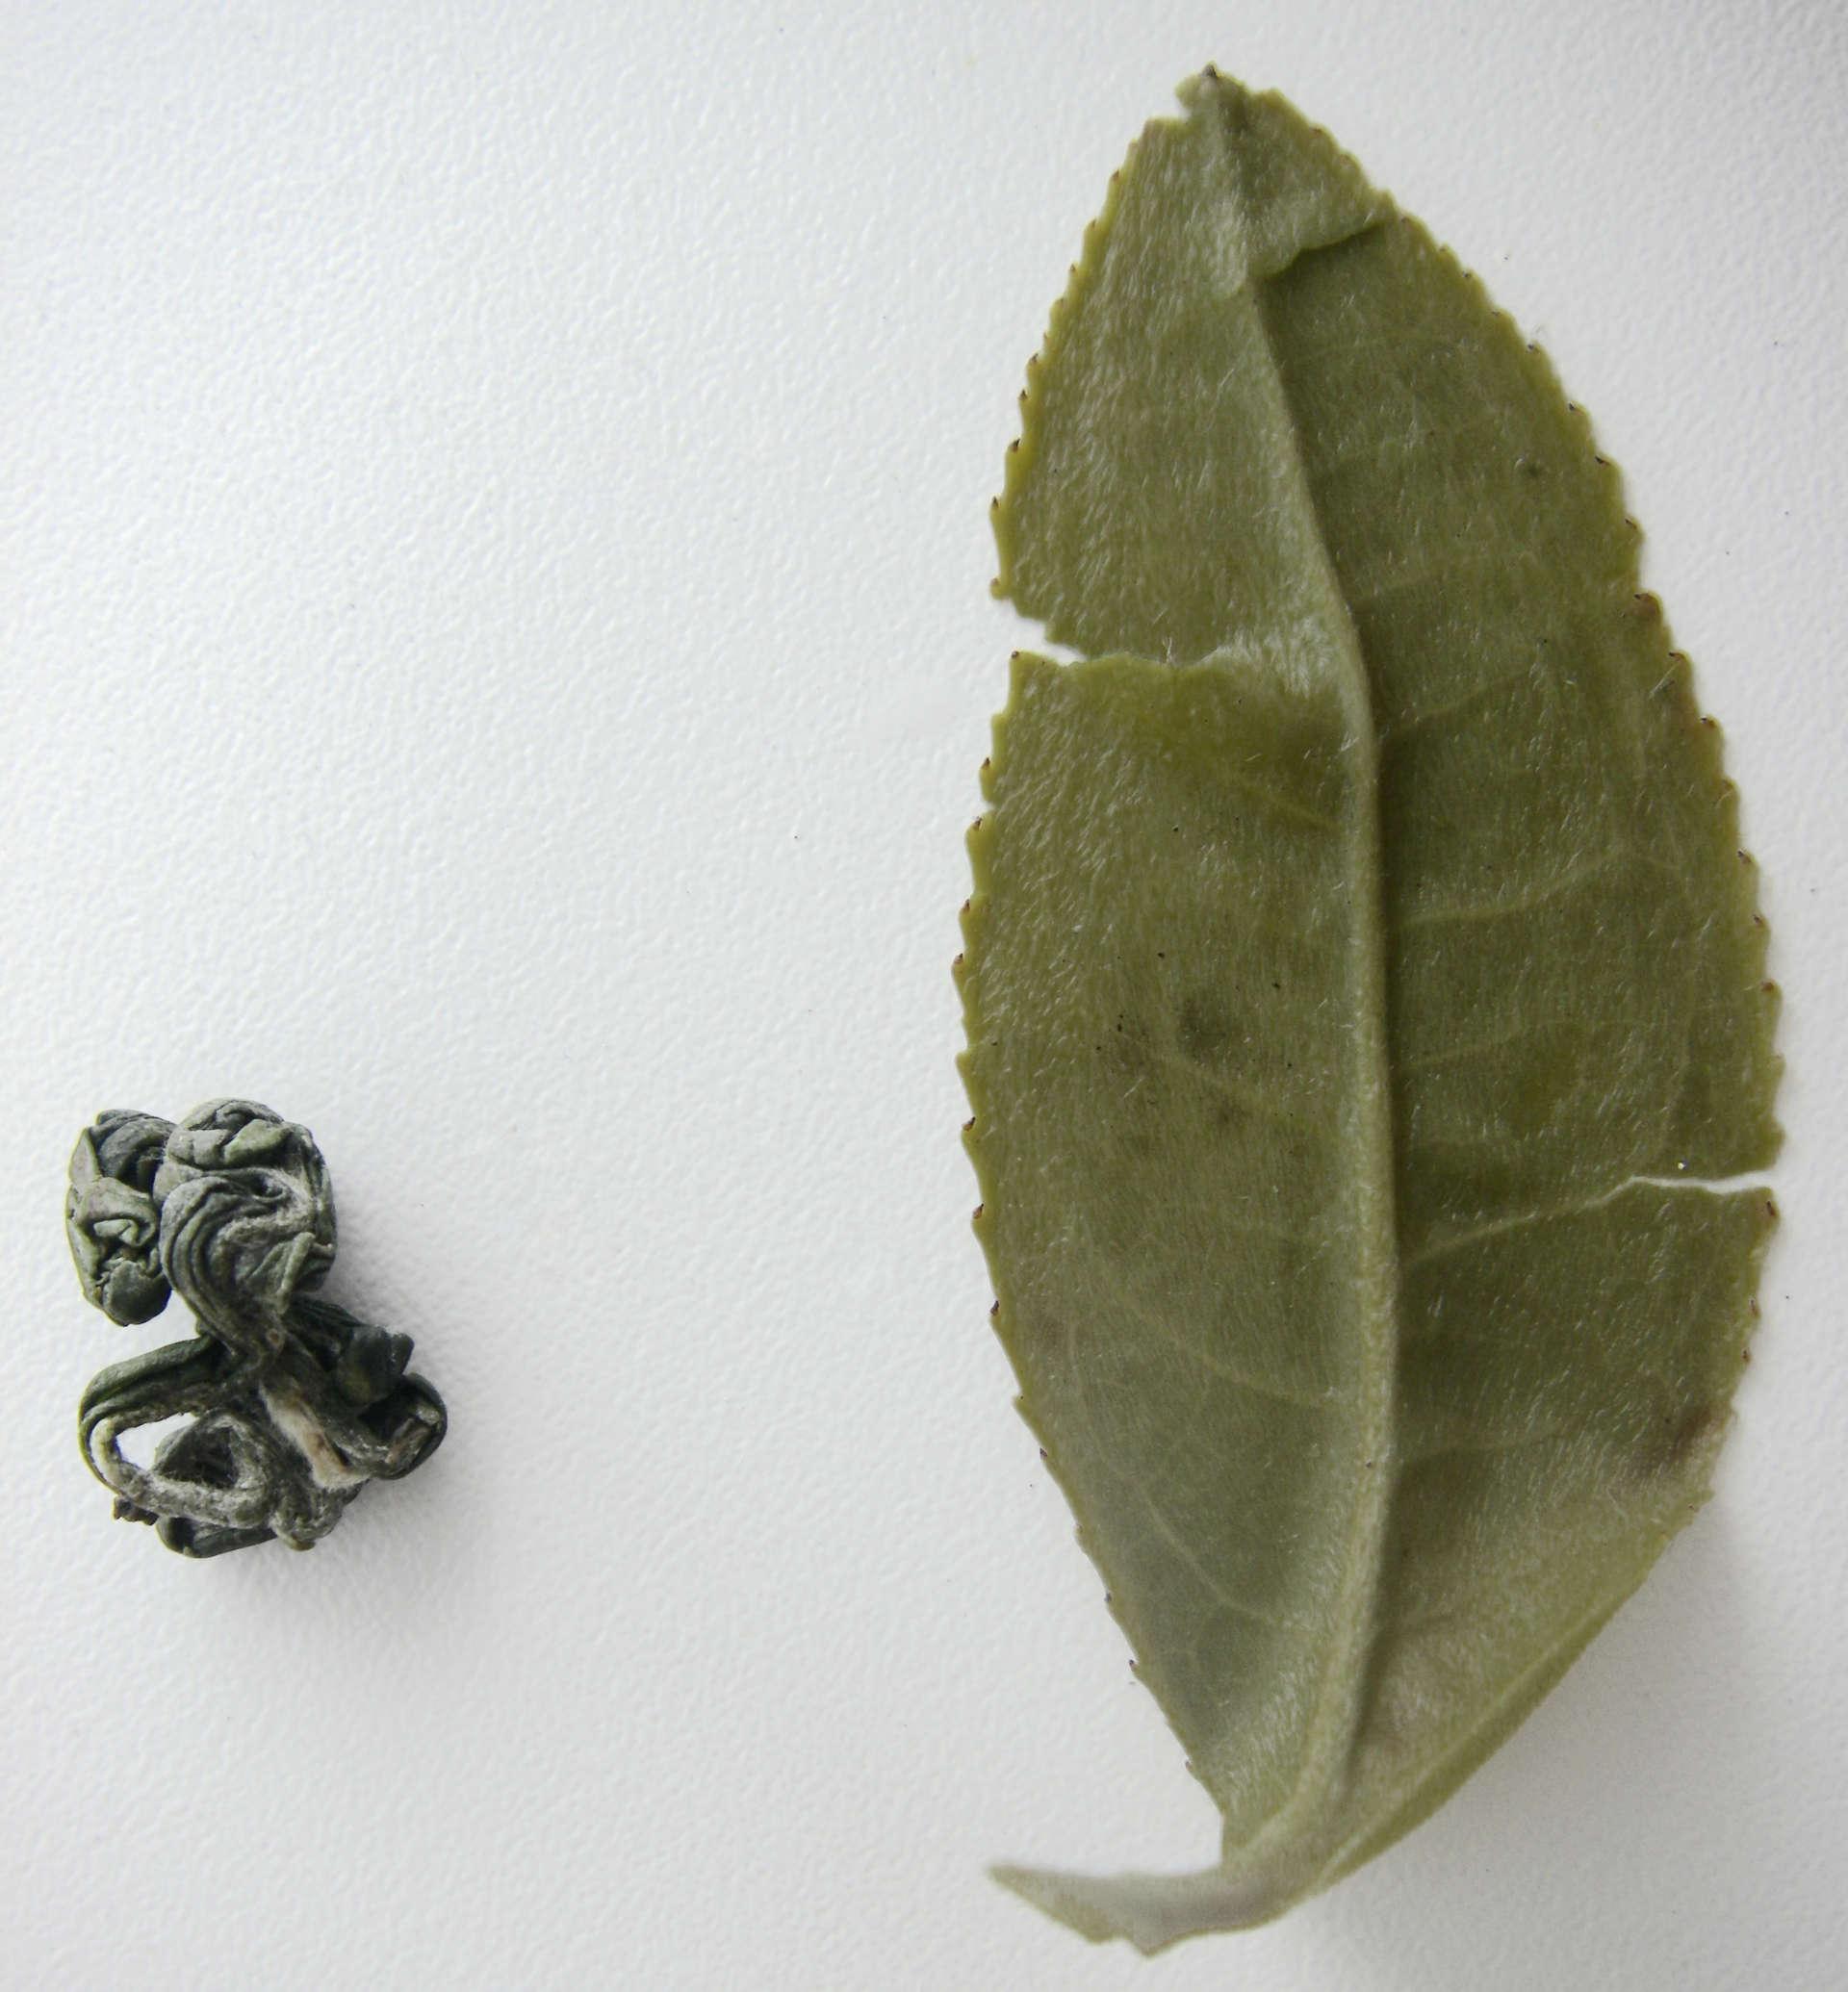 Происхождение И Значение Слова Чай Для Школьника - детально о чае